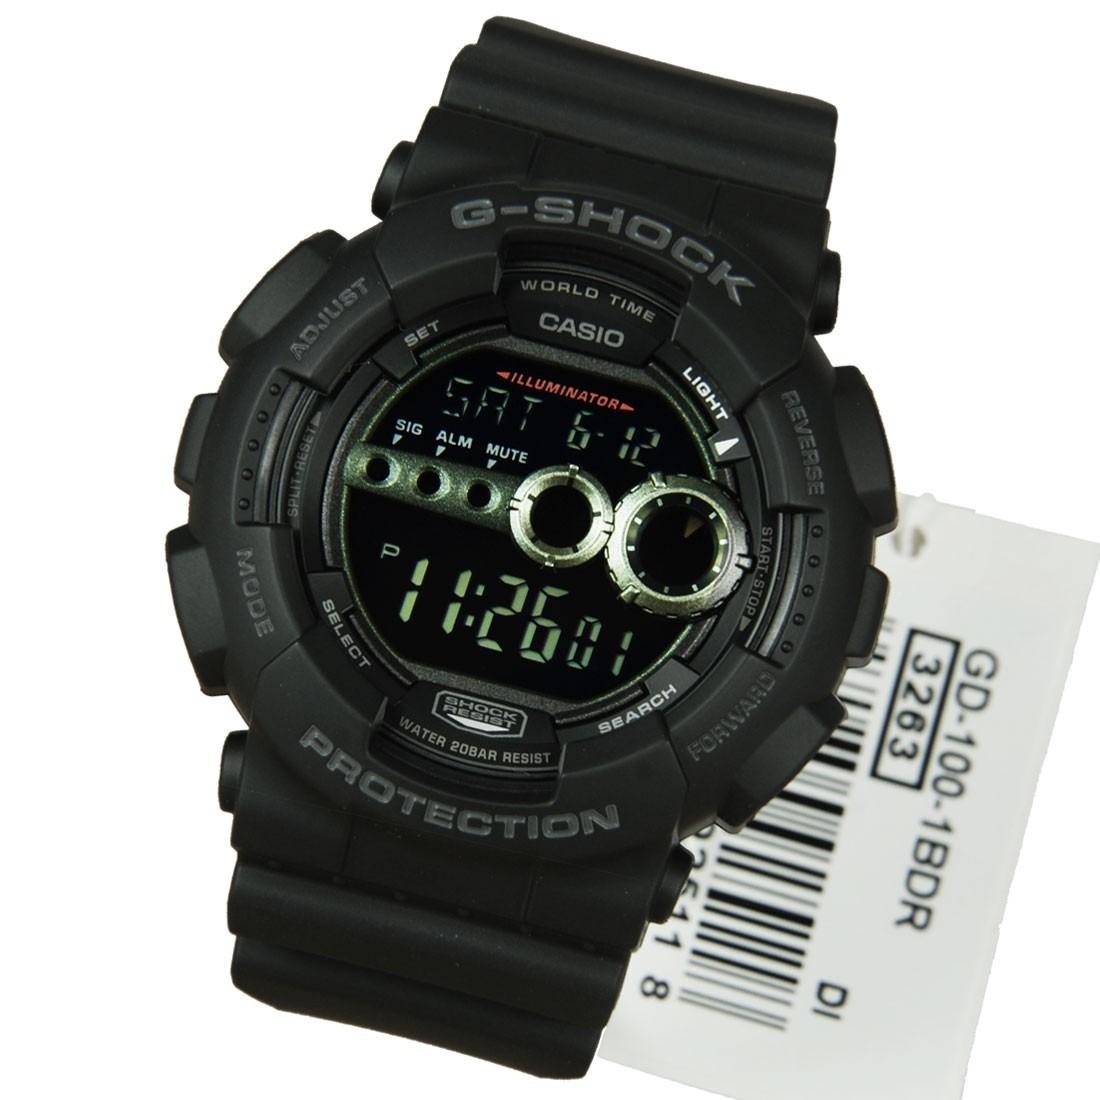 b44084467a9 relogio casio g-shock gd-100-1b fundo negativo gd100. Carregando zoom.